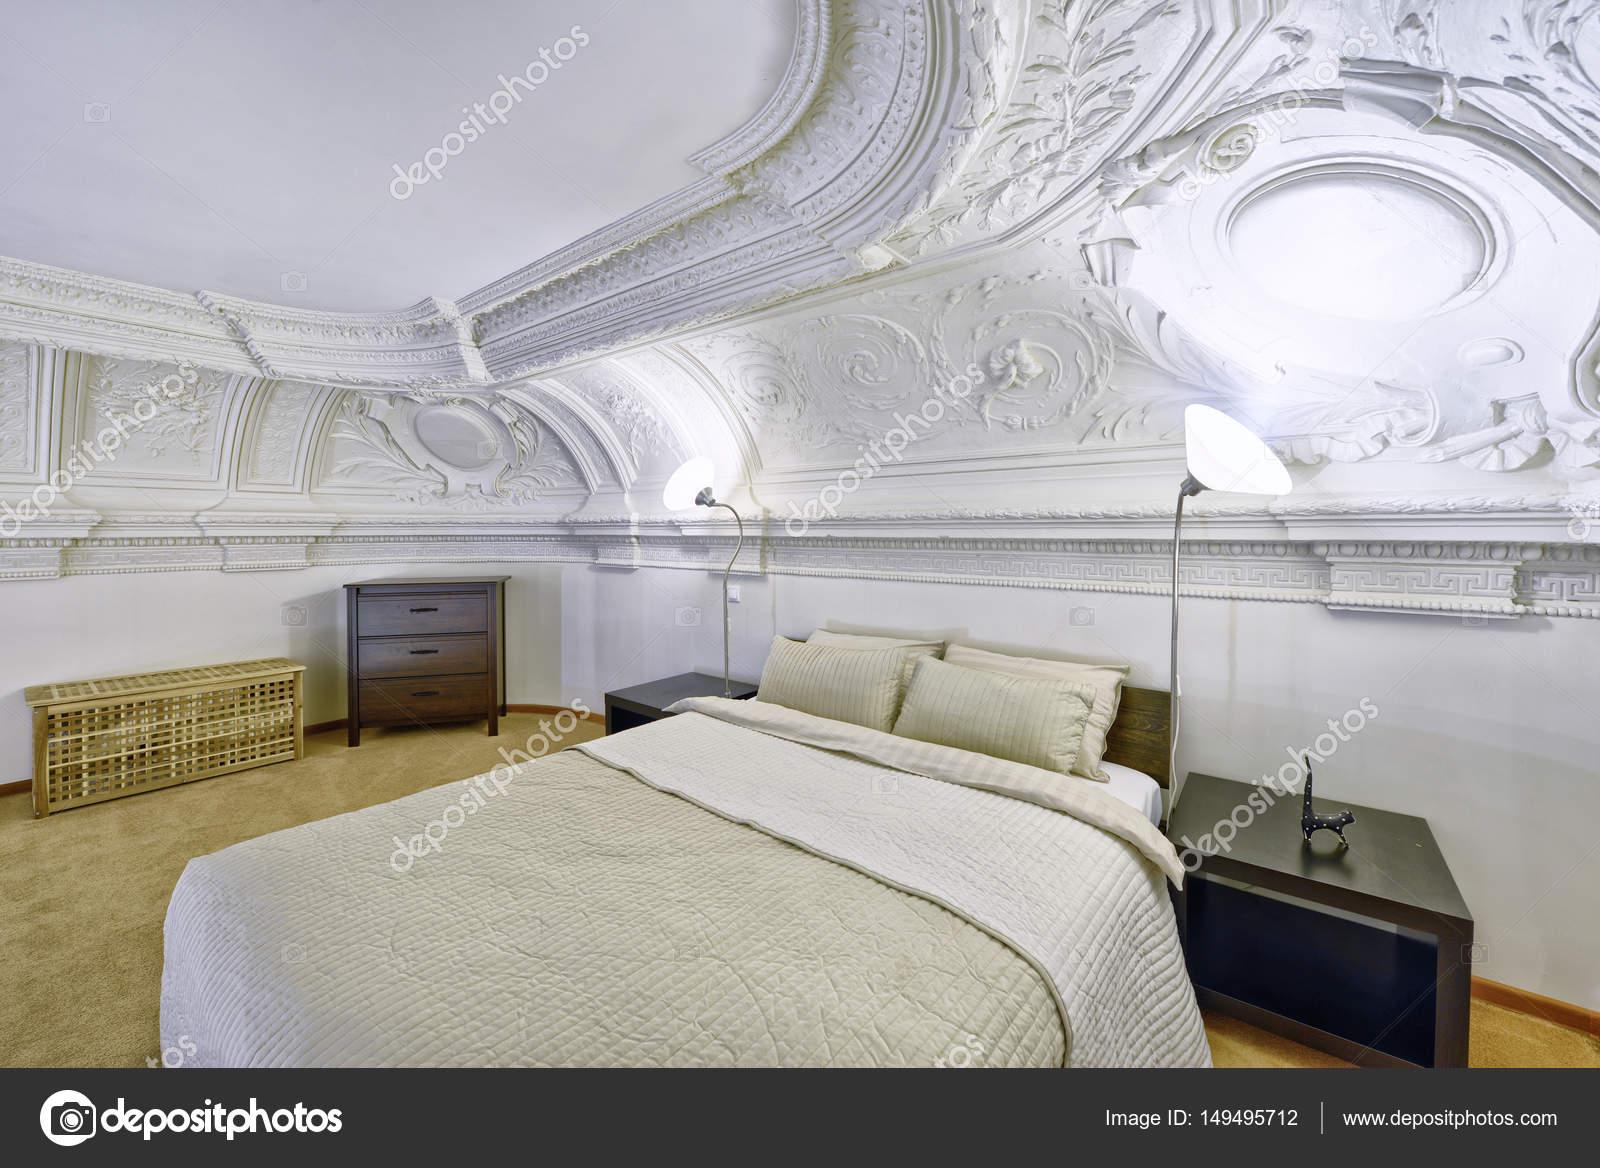 stijlvolle slaapkamer interieur met tweepersoonsbed — Stockfoto ...